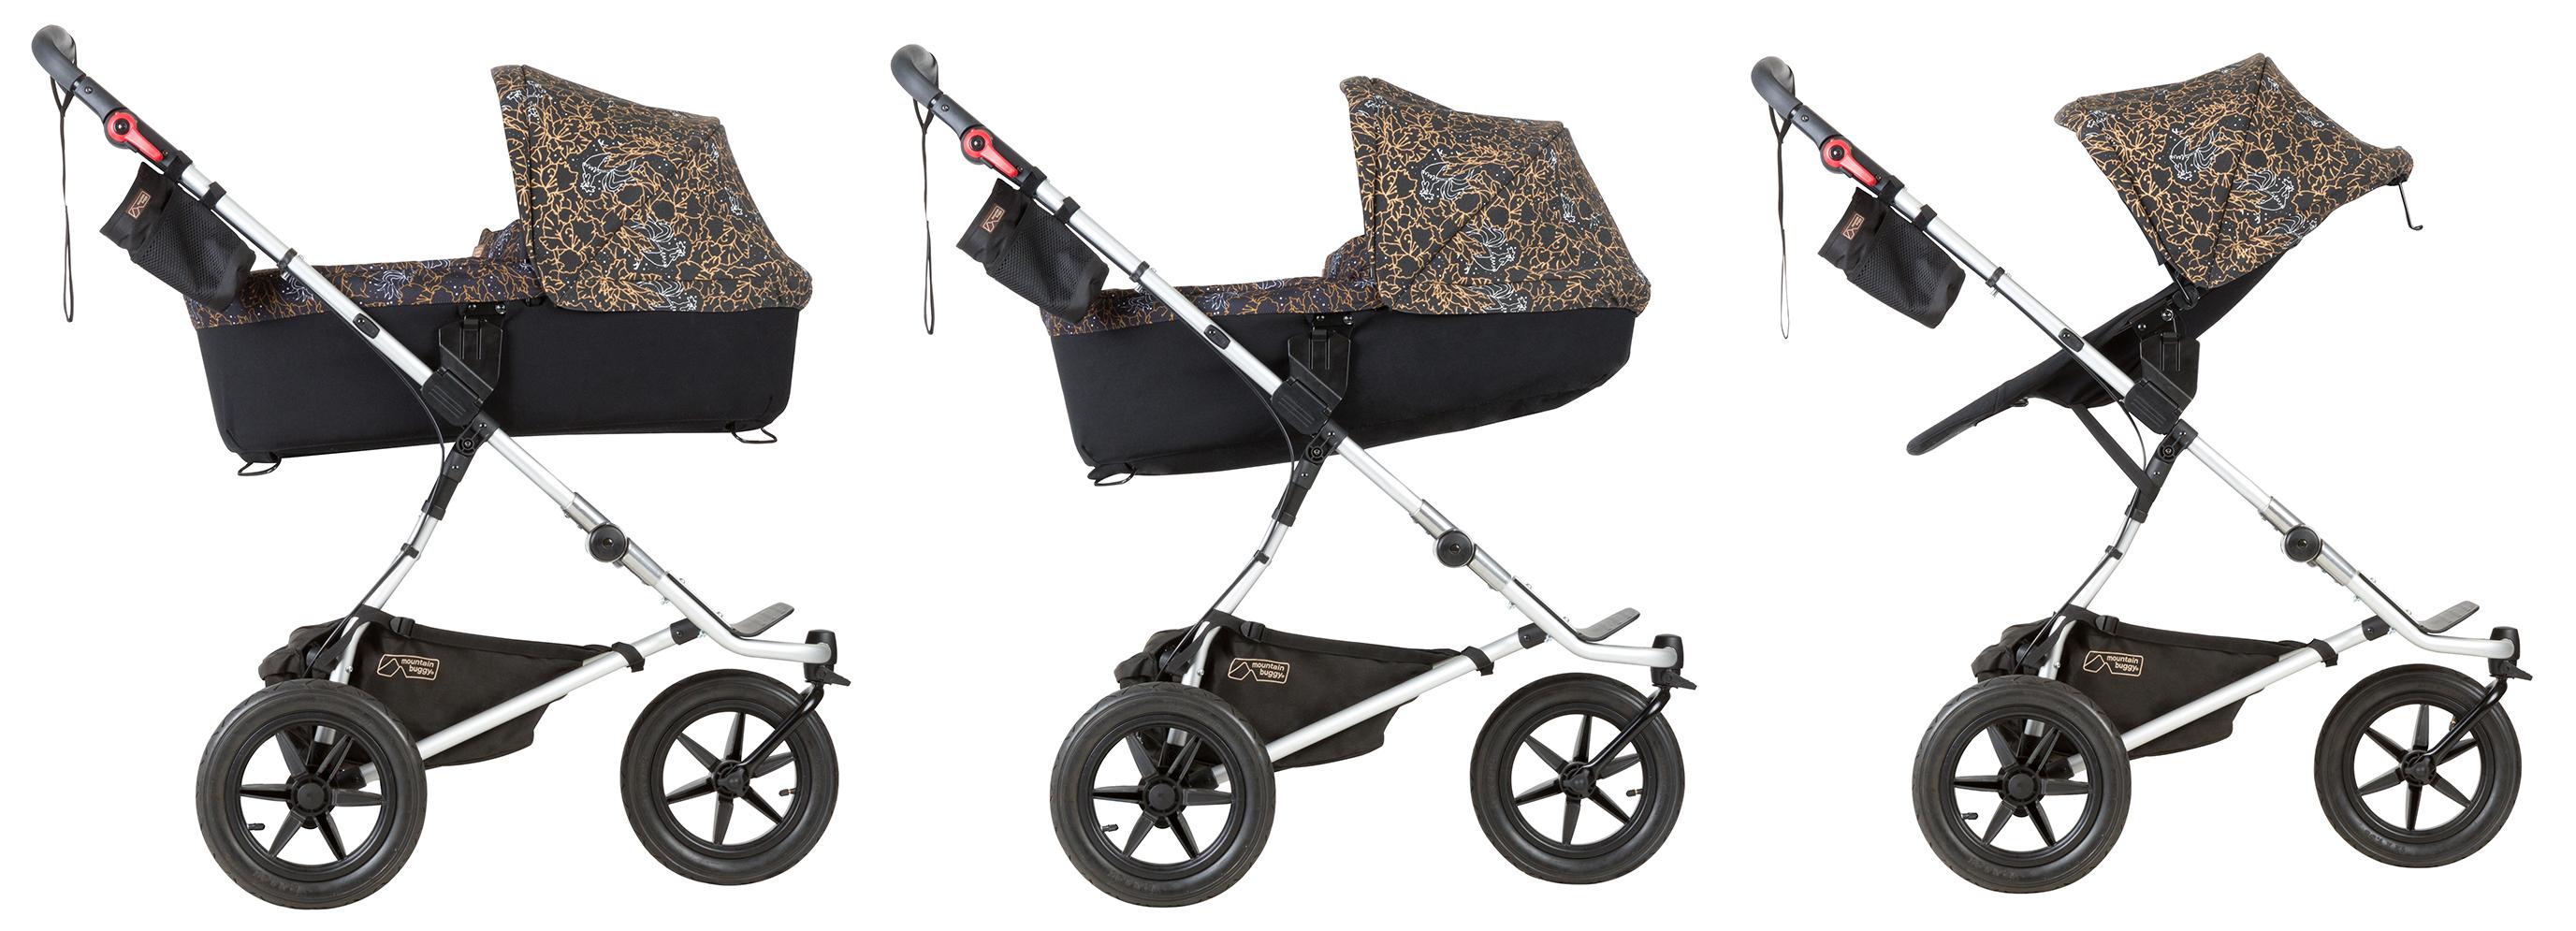 Mountain Buggy Кош за новородено PLUS за количка Urban Jungle или Swift предлага иновативно решение за родителите и дълготрайна употреба от раждането на детето до 3 годишна възраст